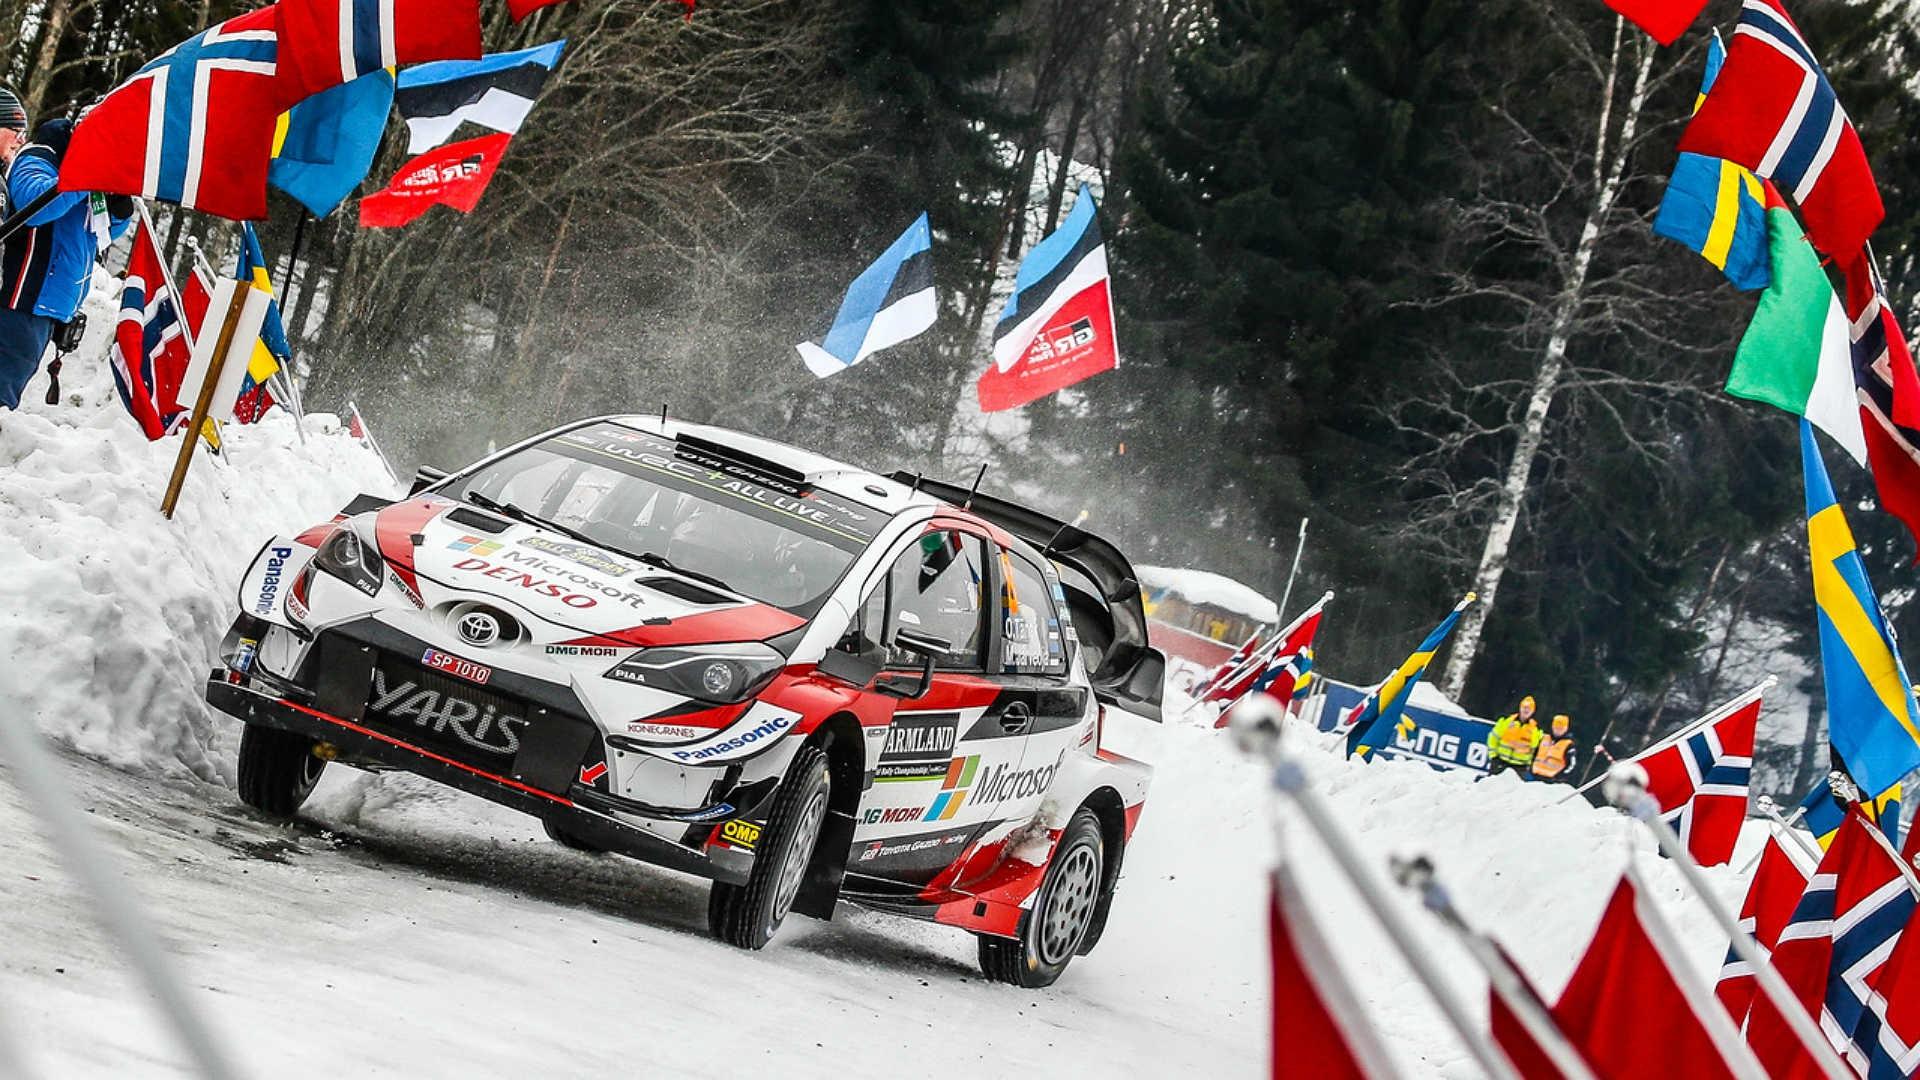 Ott Tanak vence com categoria o Rali da Suécia